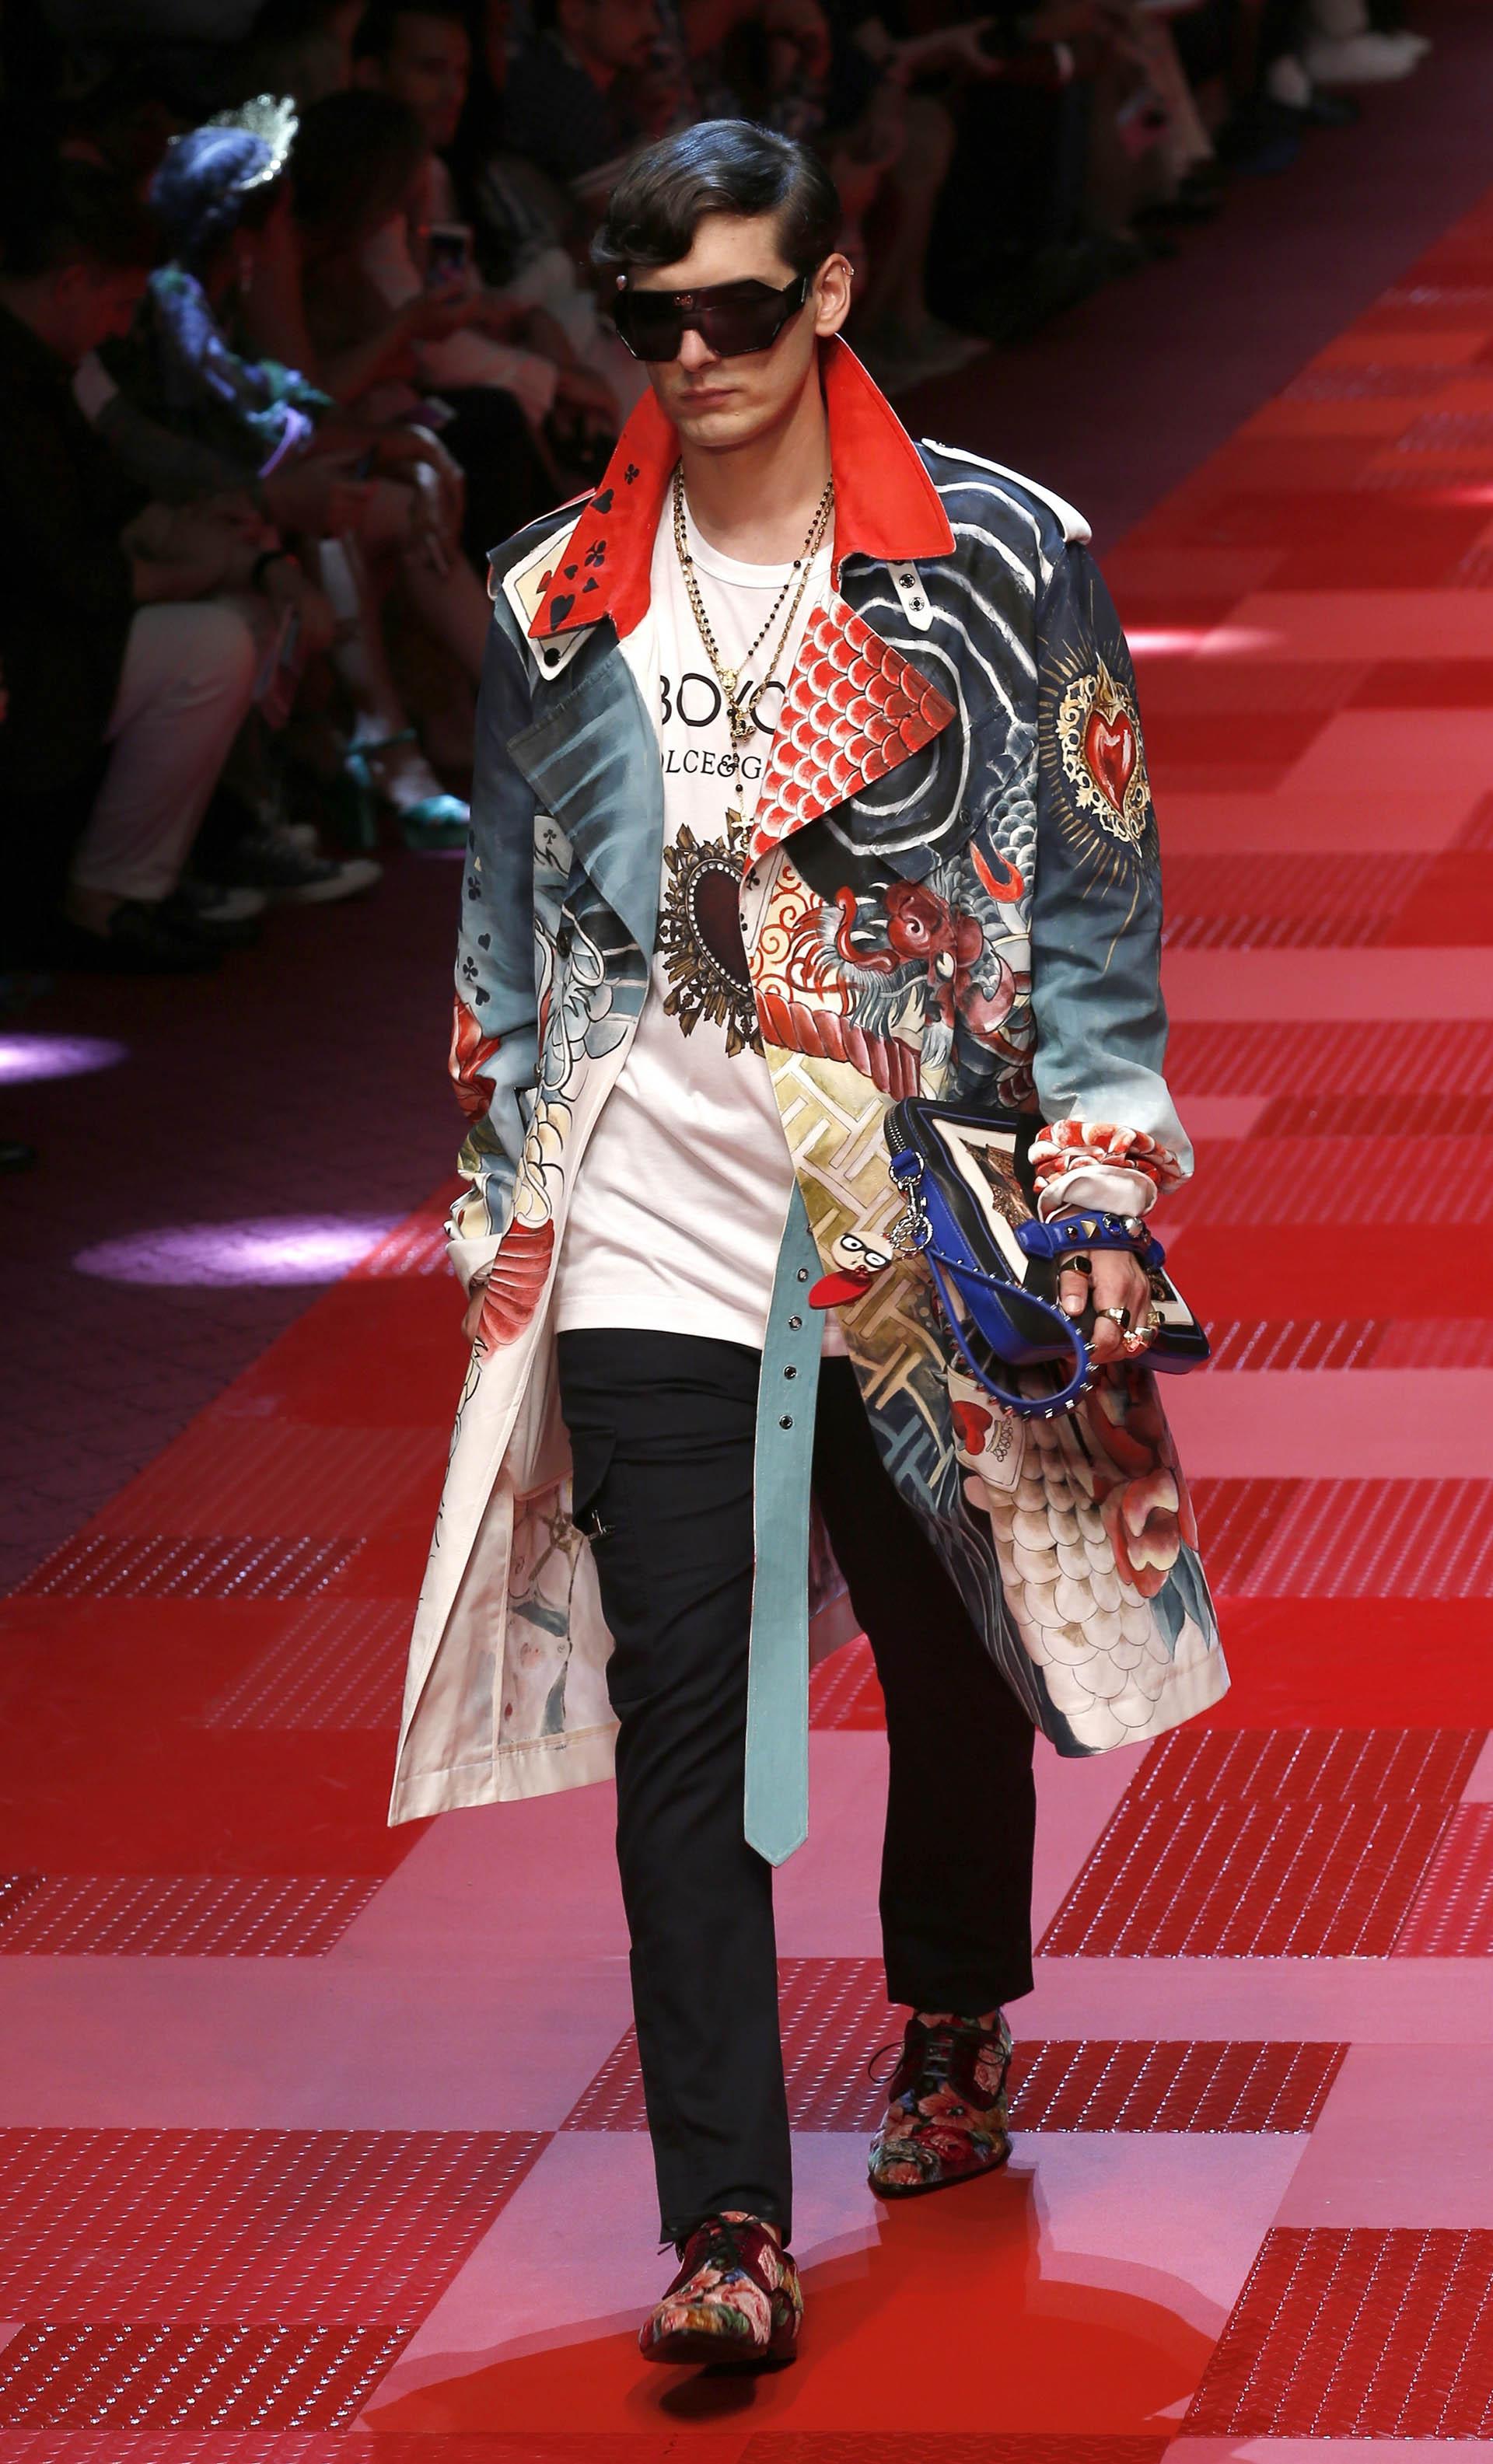 Las estampas coloridas invaden las prendas masculinas(AP Photo/Antonio Calanni)